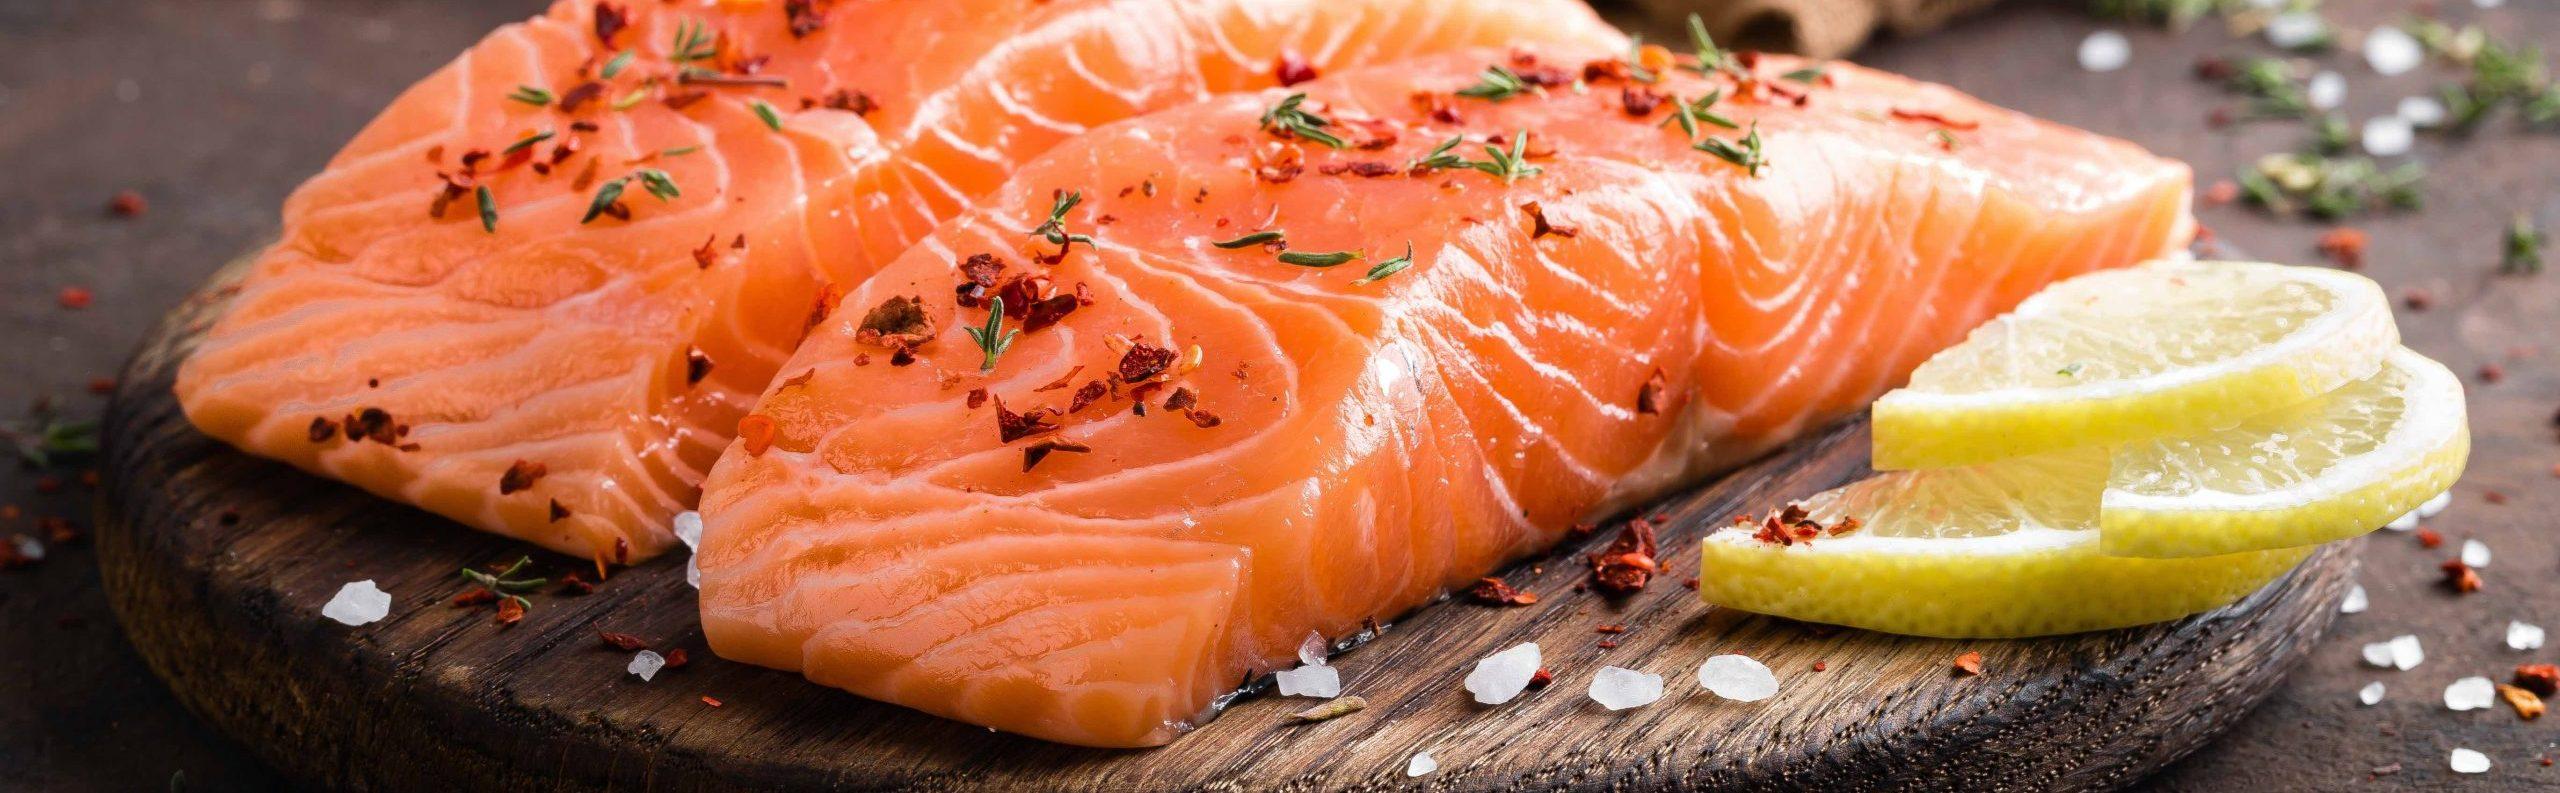 Veel vis eten voorkomt daling vitamine D niet